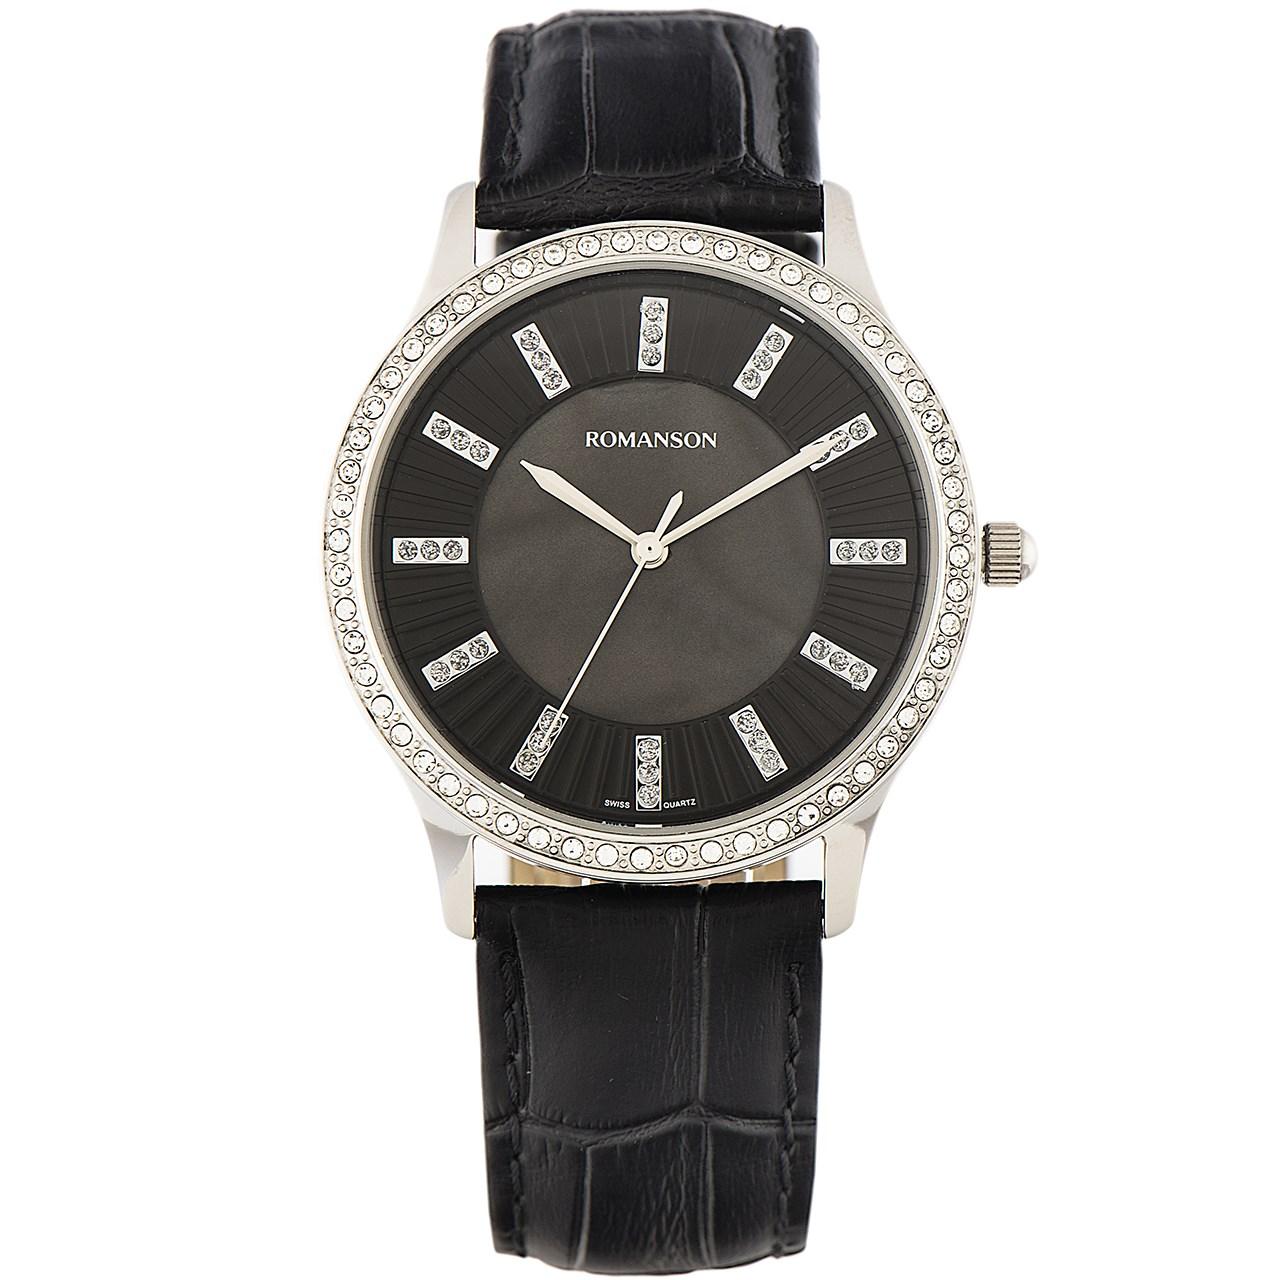 ساعت مچی عقربه ای زنانه رومانسون مدل RL0384TL1WM32W 33